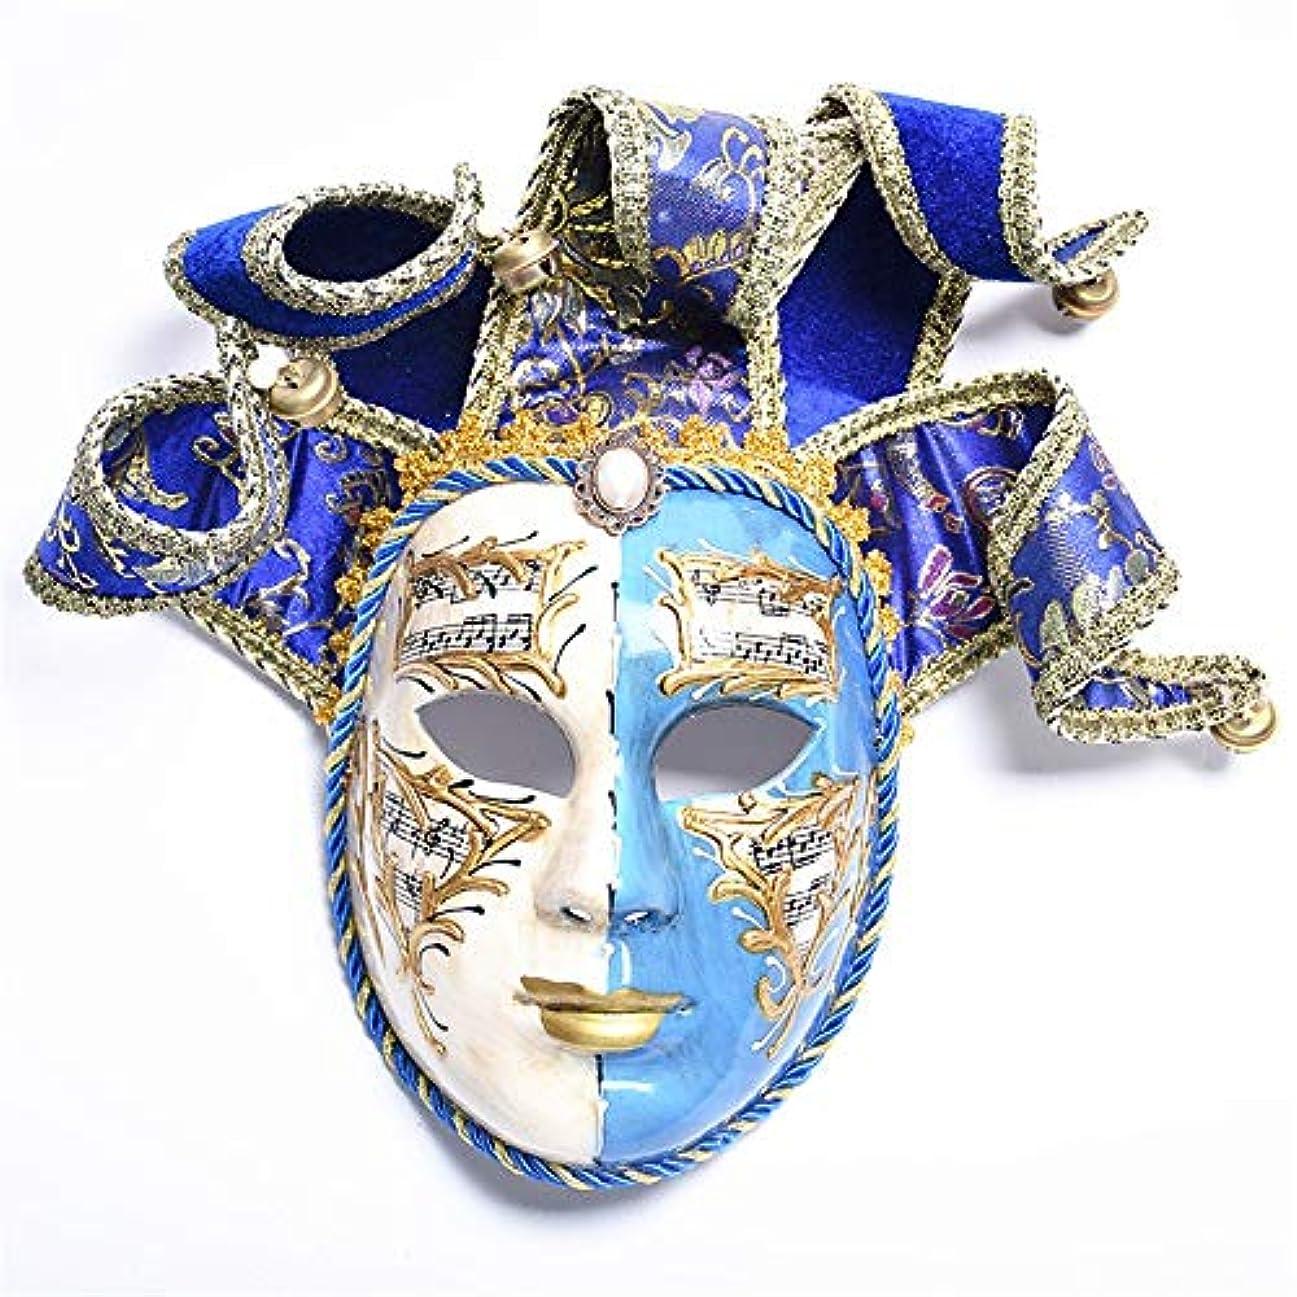 ずんぐりした悪因子ブリーフケースダンスマスク 青と白の2色フルフェイスマスクパーティーマスカレードマスクハロウィーンカーニバル祭コスプレナイトクラブパーティーマスク ホリデーパーティー用品 (色 : 青, サイズ : 33x31cm)